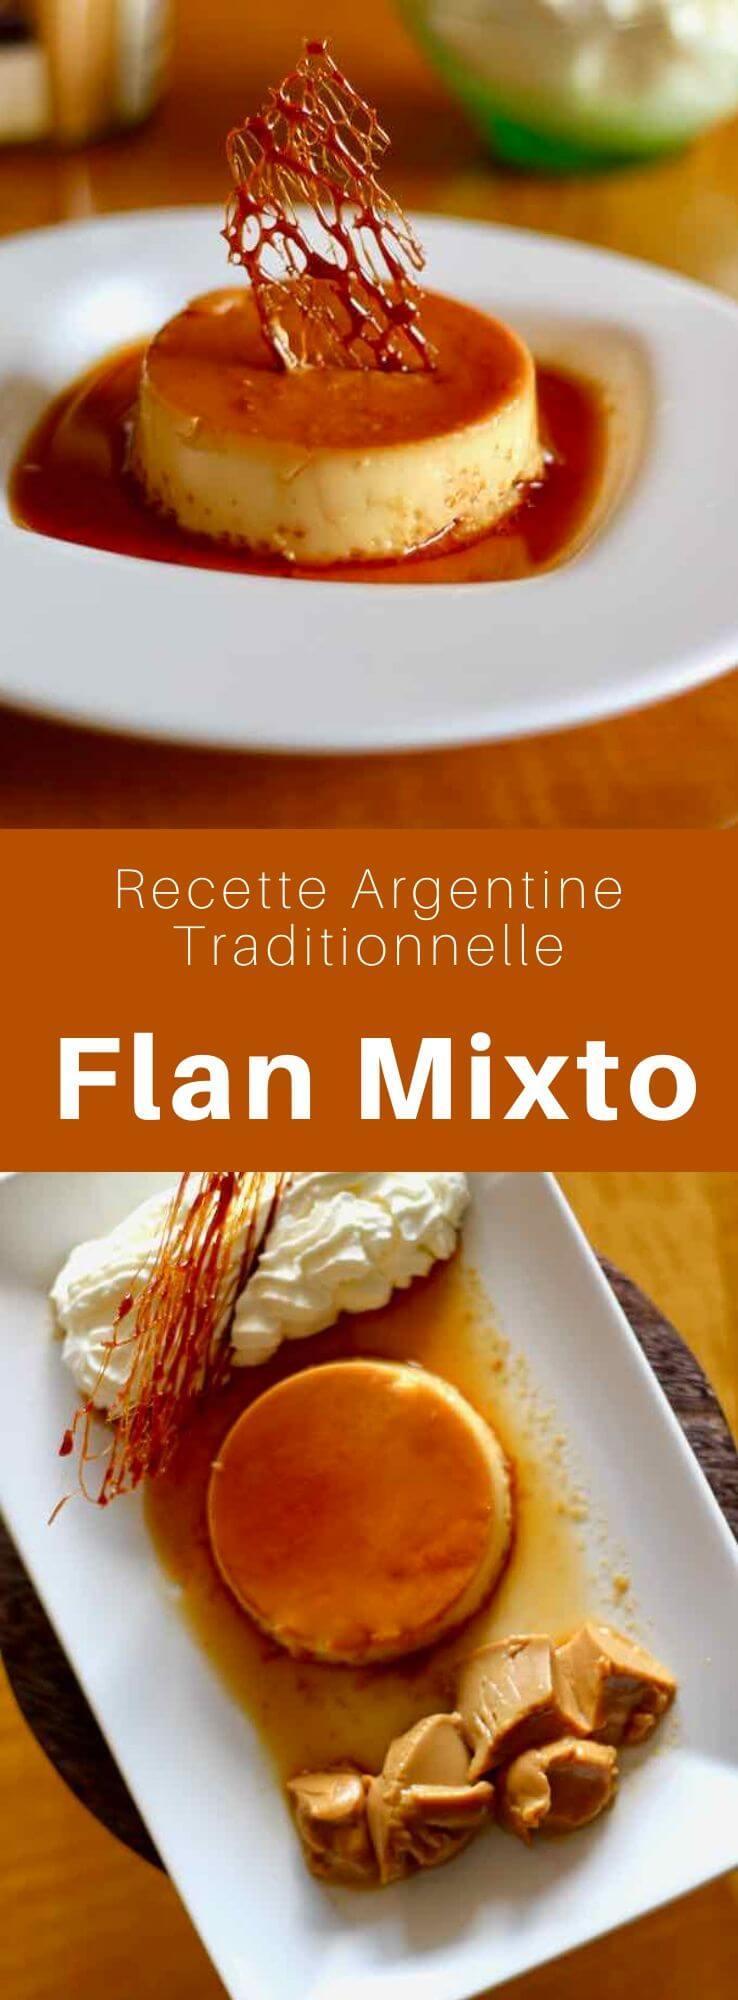 Le flan mixto ou flan casero mixto est un dessert populaire argentin, uruguayen et mexicain. Du flan au caramel avec dulce de leche et crème fouettée. #Argentine #RecetteArgentine #CuisineArgentine #CuisineDuMonde #196flavors